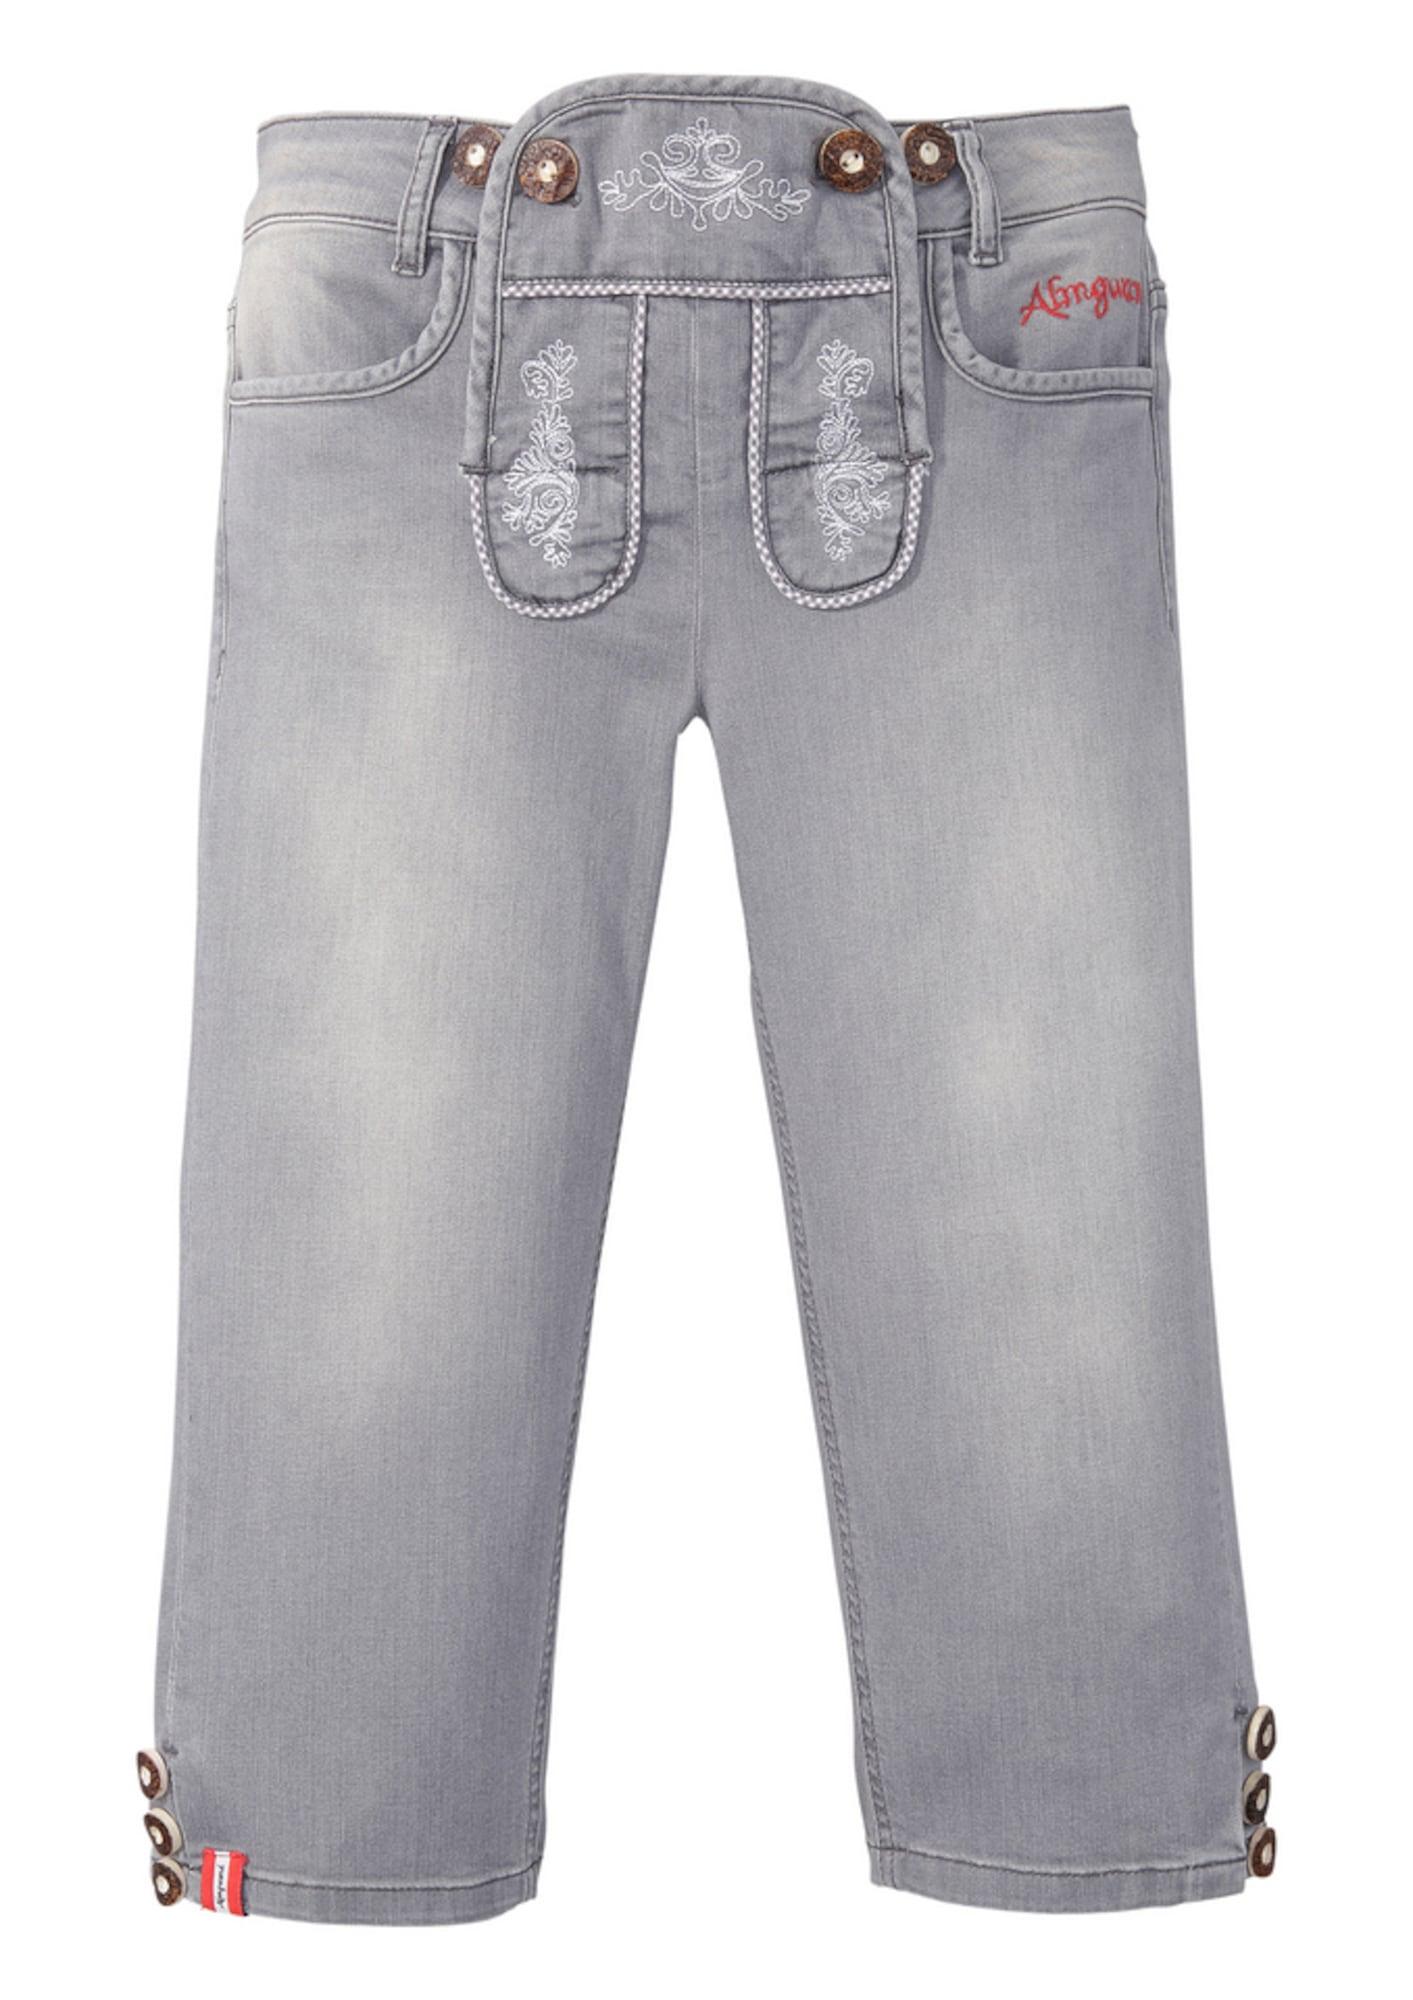 Trachtenbermuda | Bekleidung > Jeans > Shorts & Bermudas | Almgwand